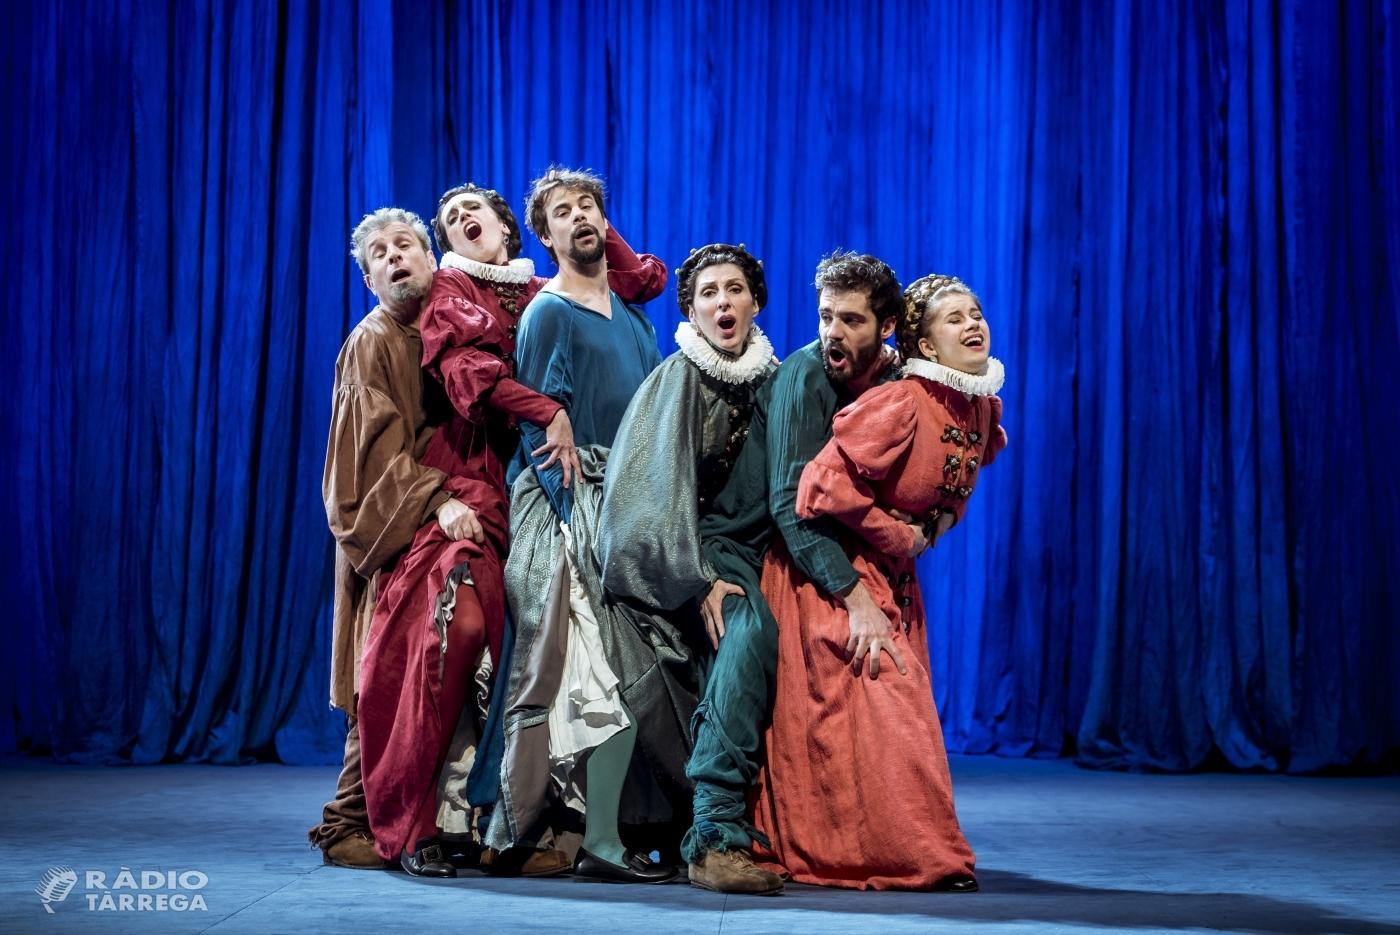 Dagoll Dagom i T de Teatre porten a Tàrrega el dissabte 26 d'octubre la coproducció La tendresa, comèdia romàntica d'inspiració shakespeariana